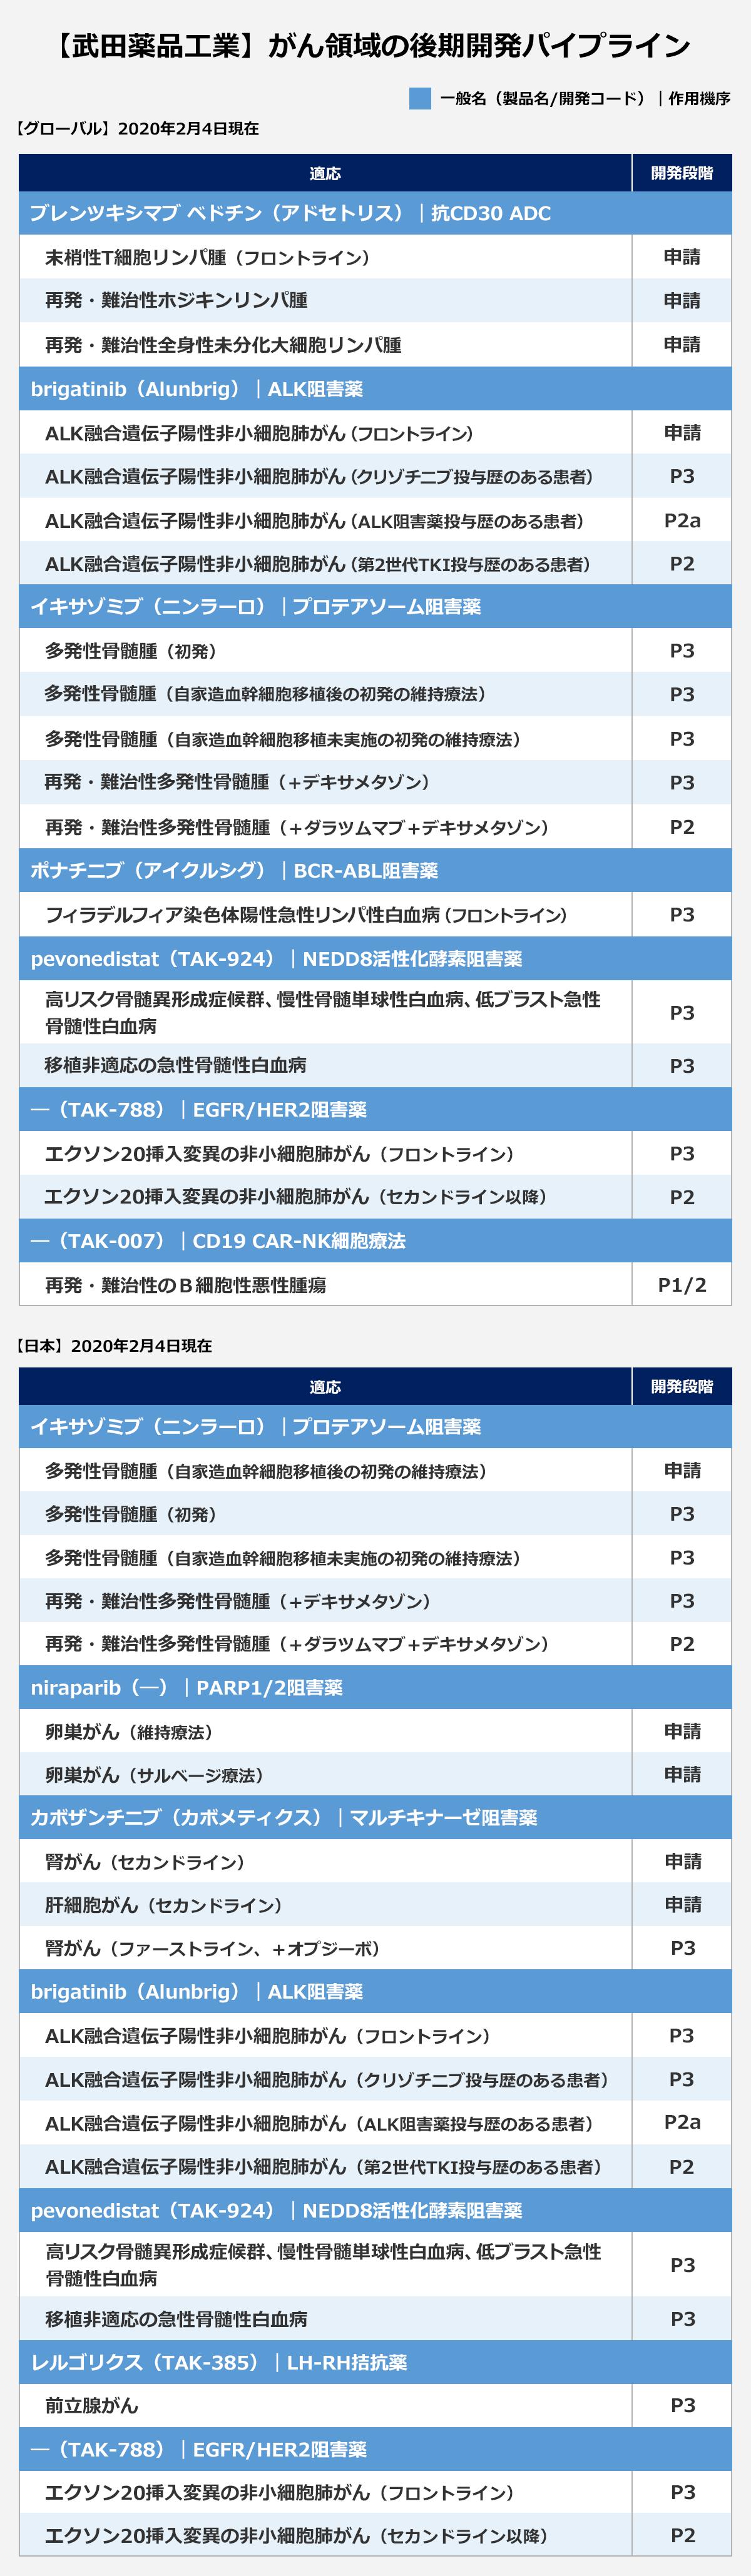 【武田薬品工業】がん領域の後期開発パイプライン